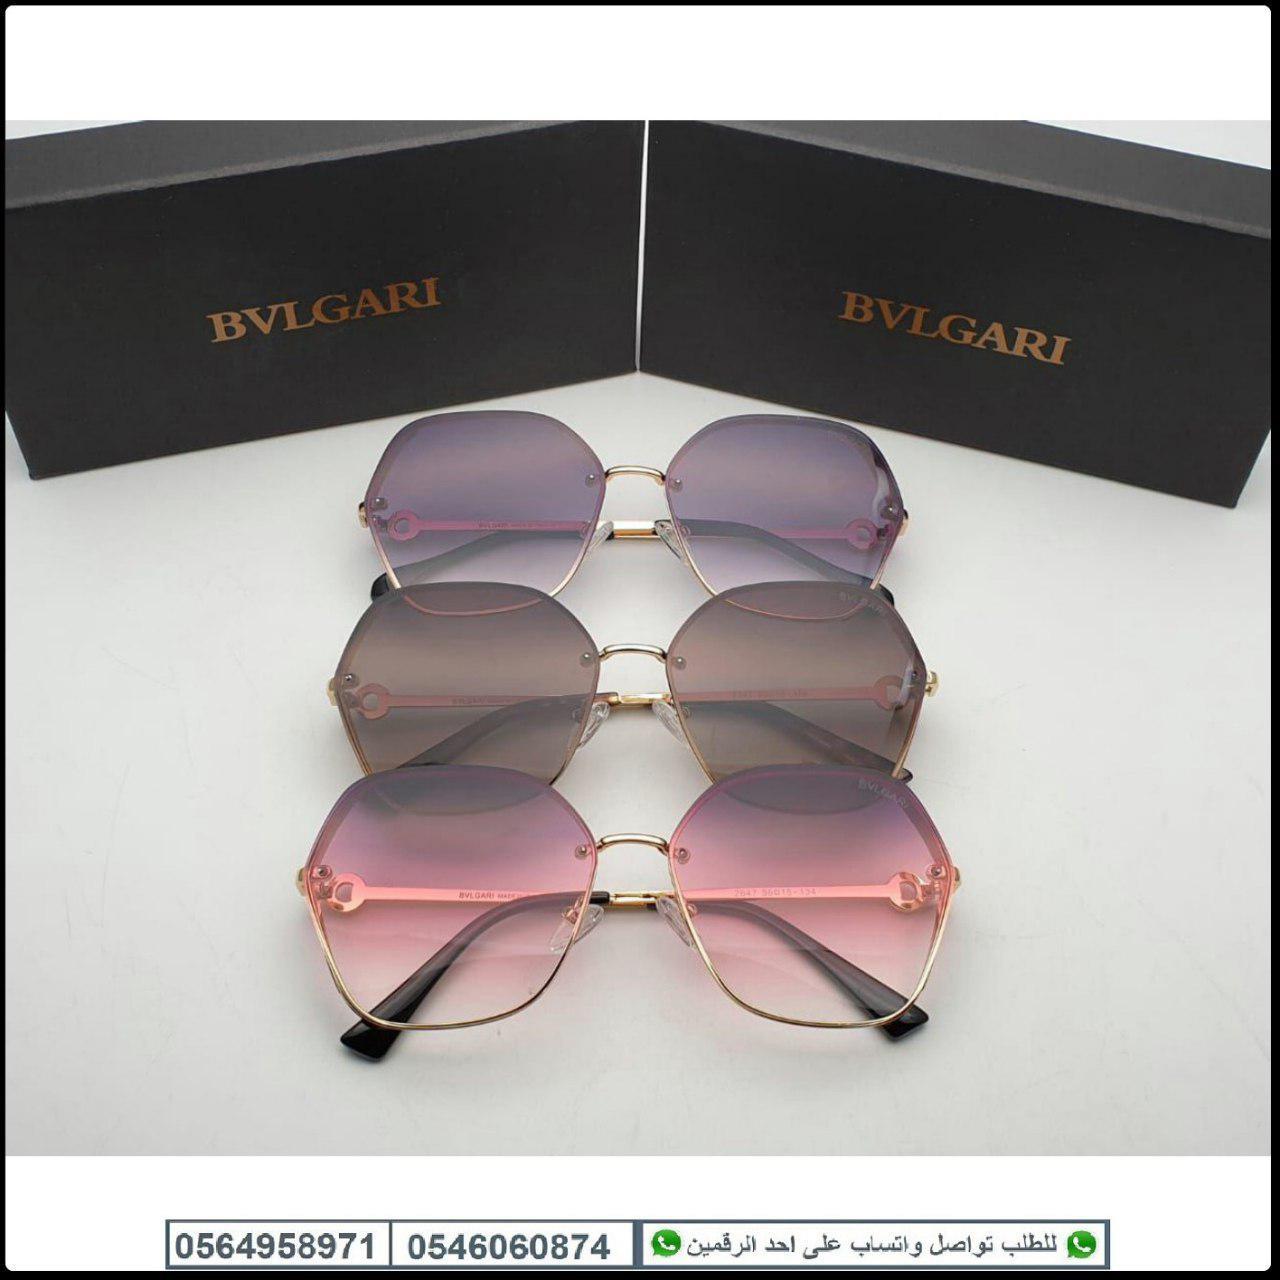 نظارات بلغاري نسائي